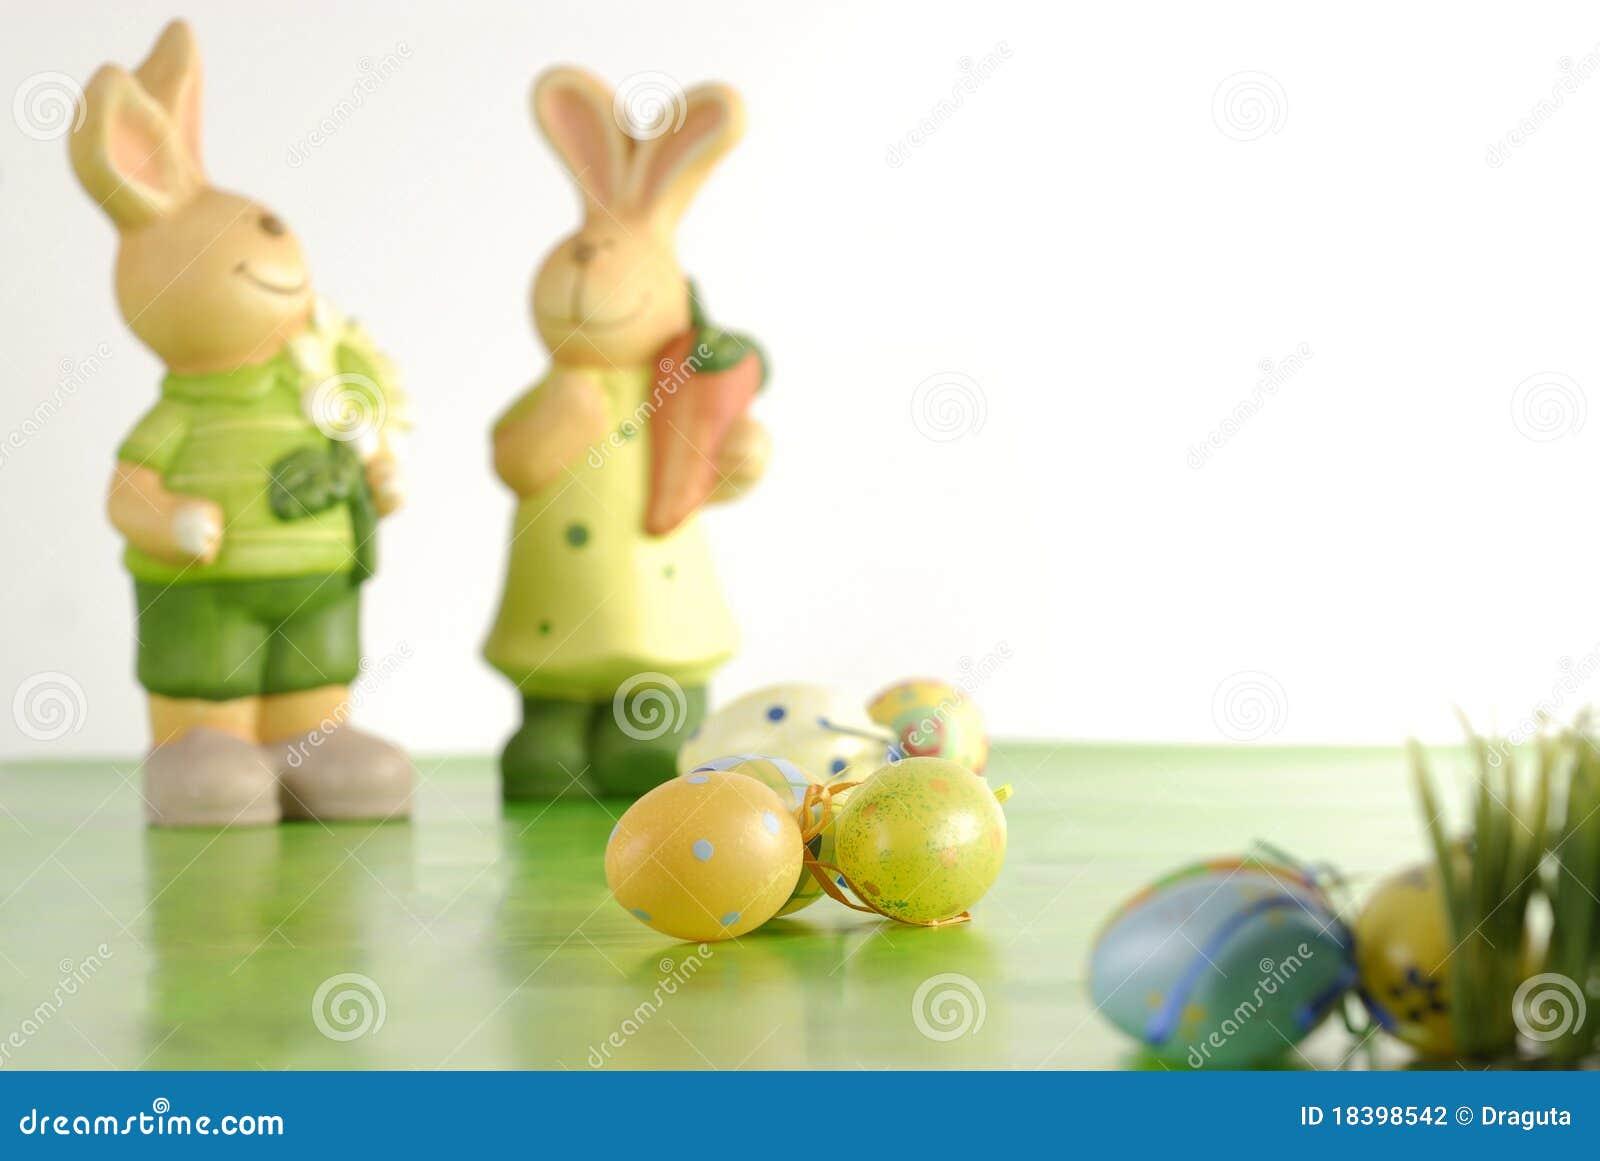 группа пасхальныхя зайчика